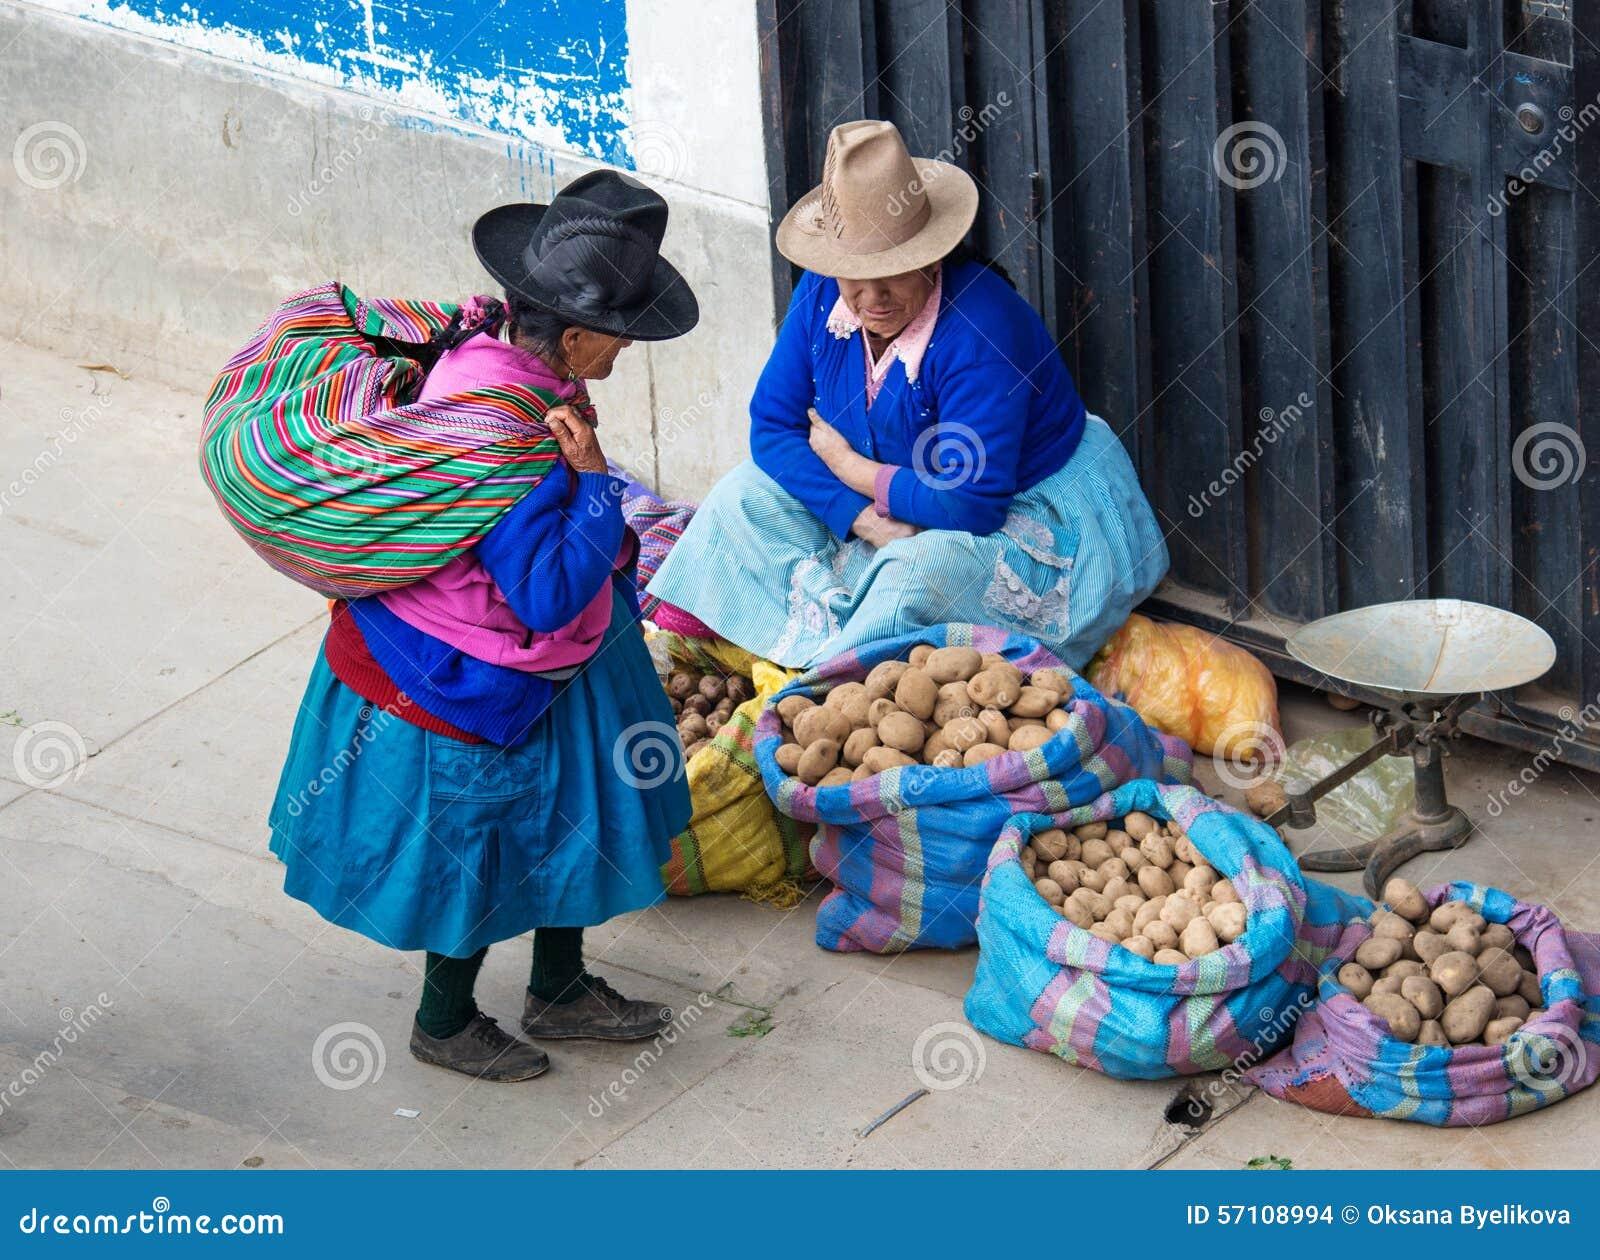 Best Food In Huaraz Peru